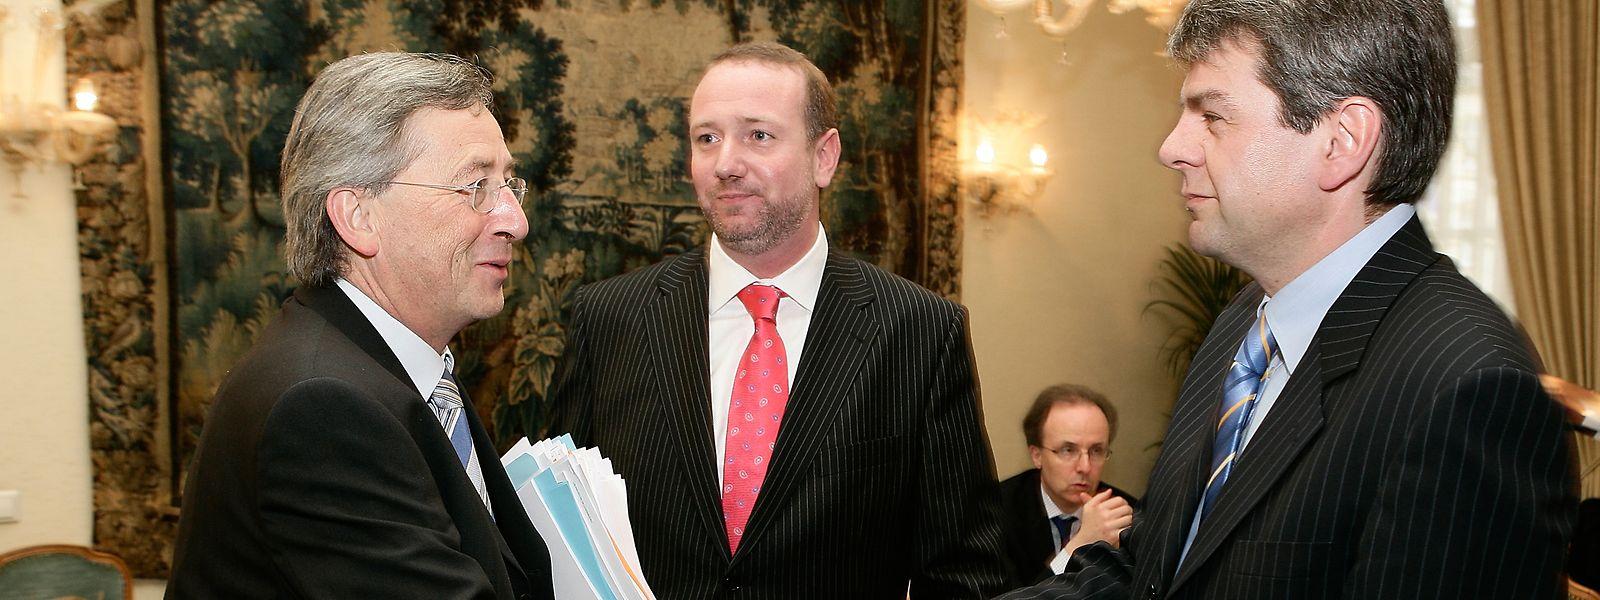 Premierminister Jean Claude-Juncker (links) begrüßt Romain Wolff; Wolff ist heute Präsident der CGFP und nahm bereits 2006 als deren Generalsekretär an den Tripartite-Verhandlungen teil.